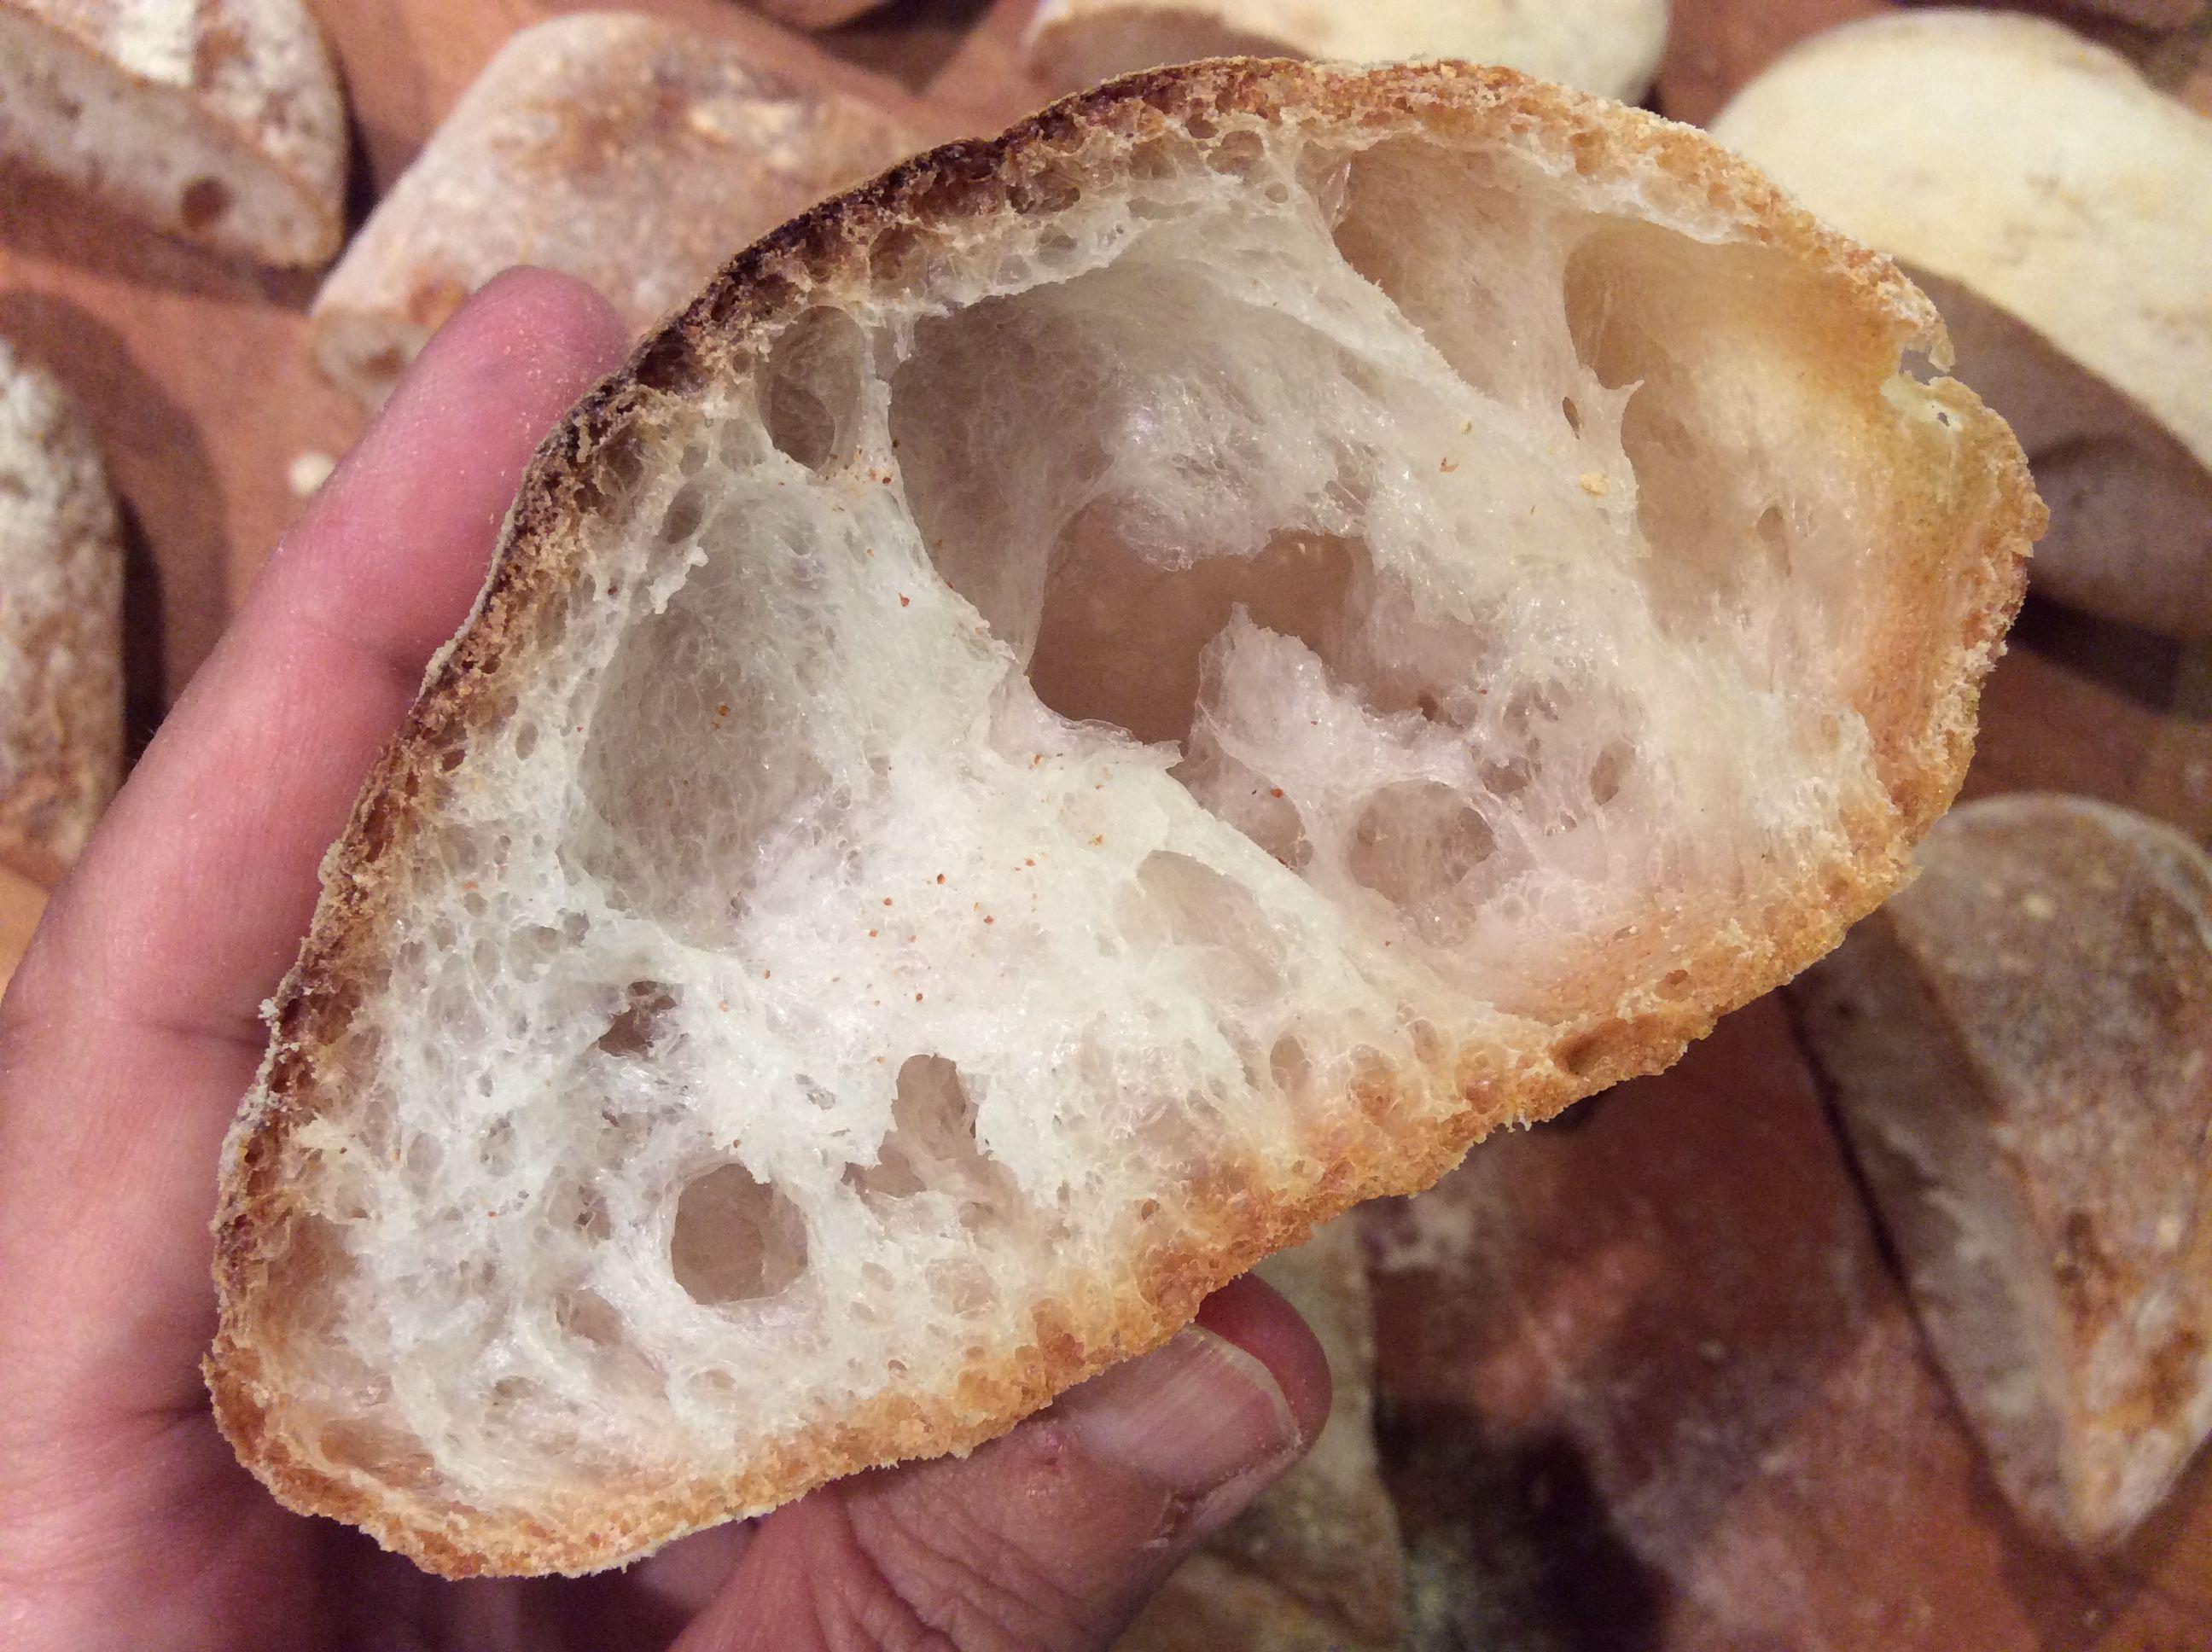 Credenza Per Pane : La ricetta pane ciabatta senza glutine con i segreti per ottenere un